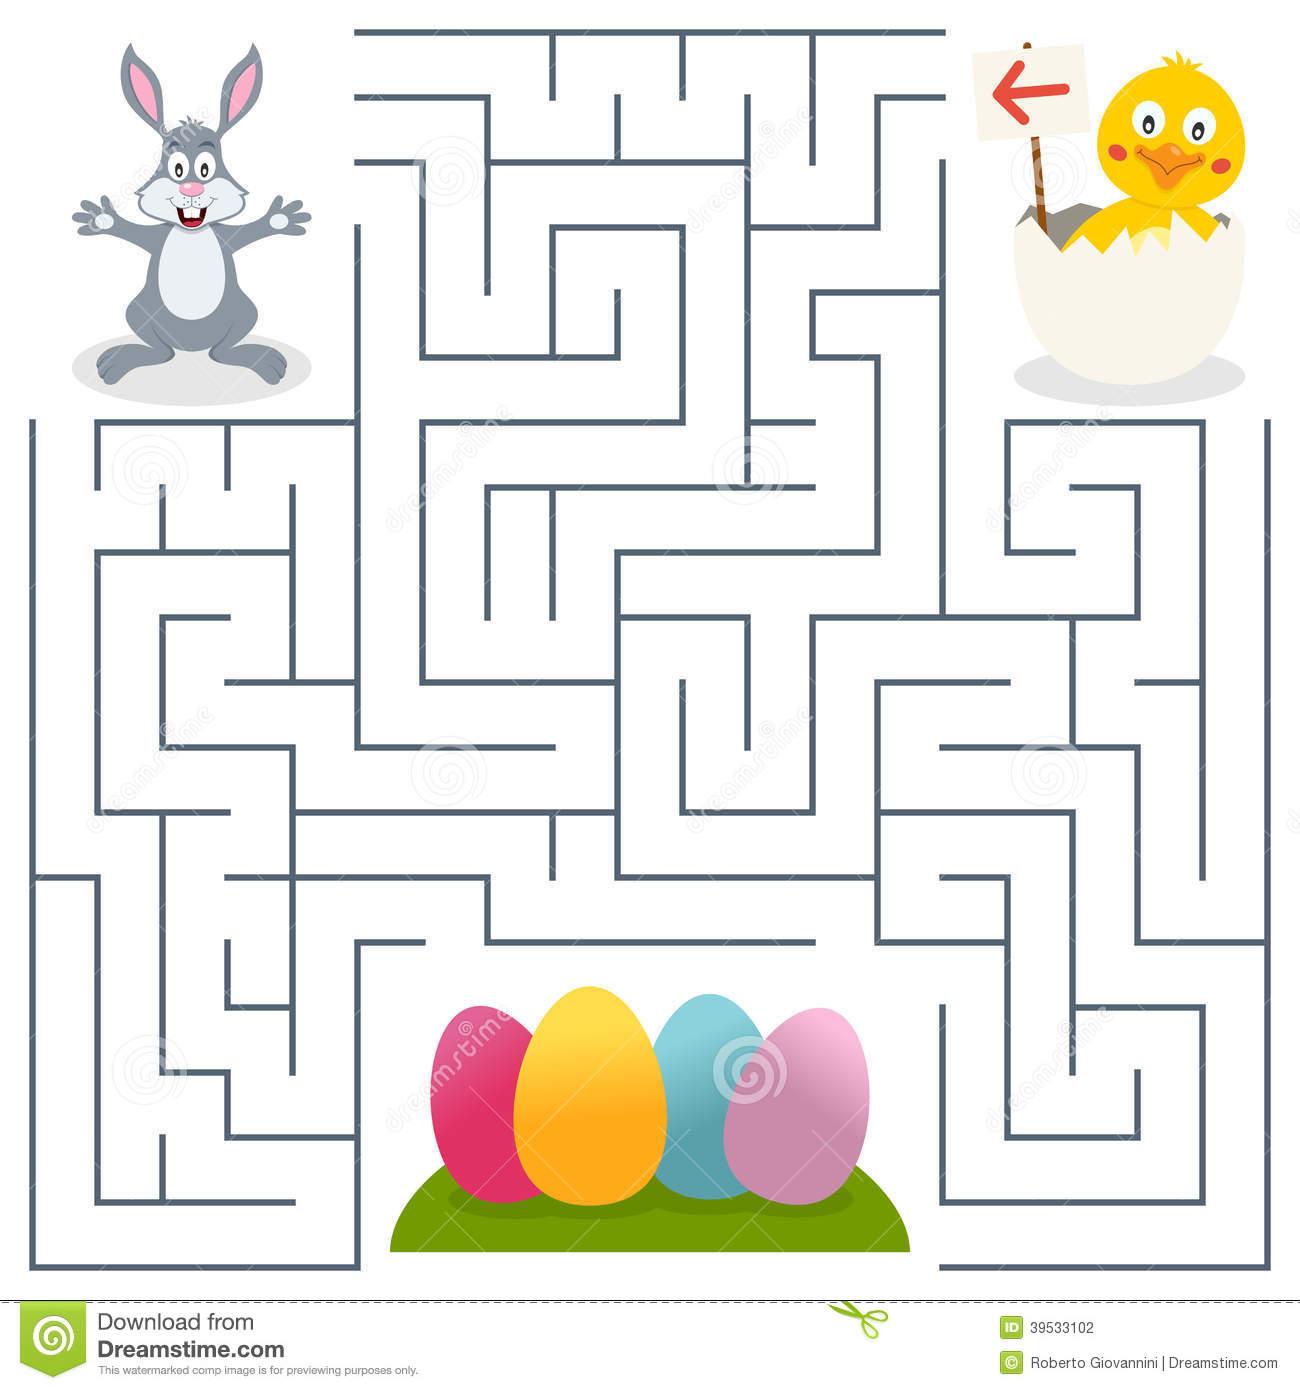 Labyrinthe De Bunny Rabbit Et D'oeufs De Pâques Pour Des dedans Jeux De Labyrinthe Gratuit